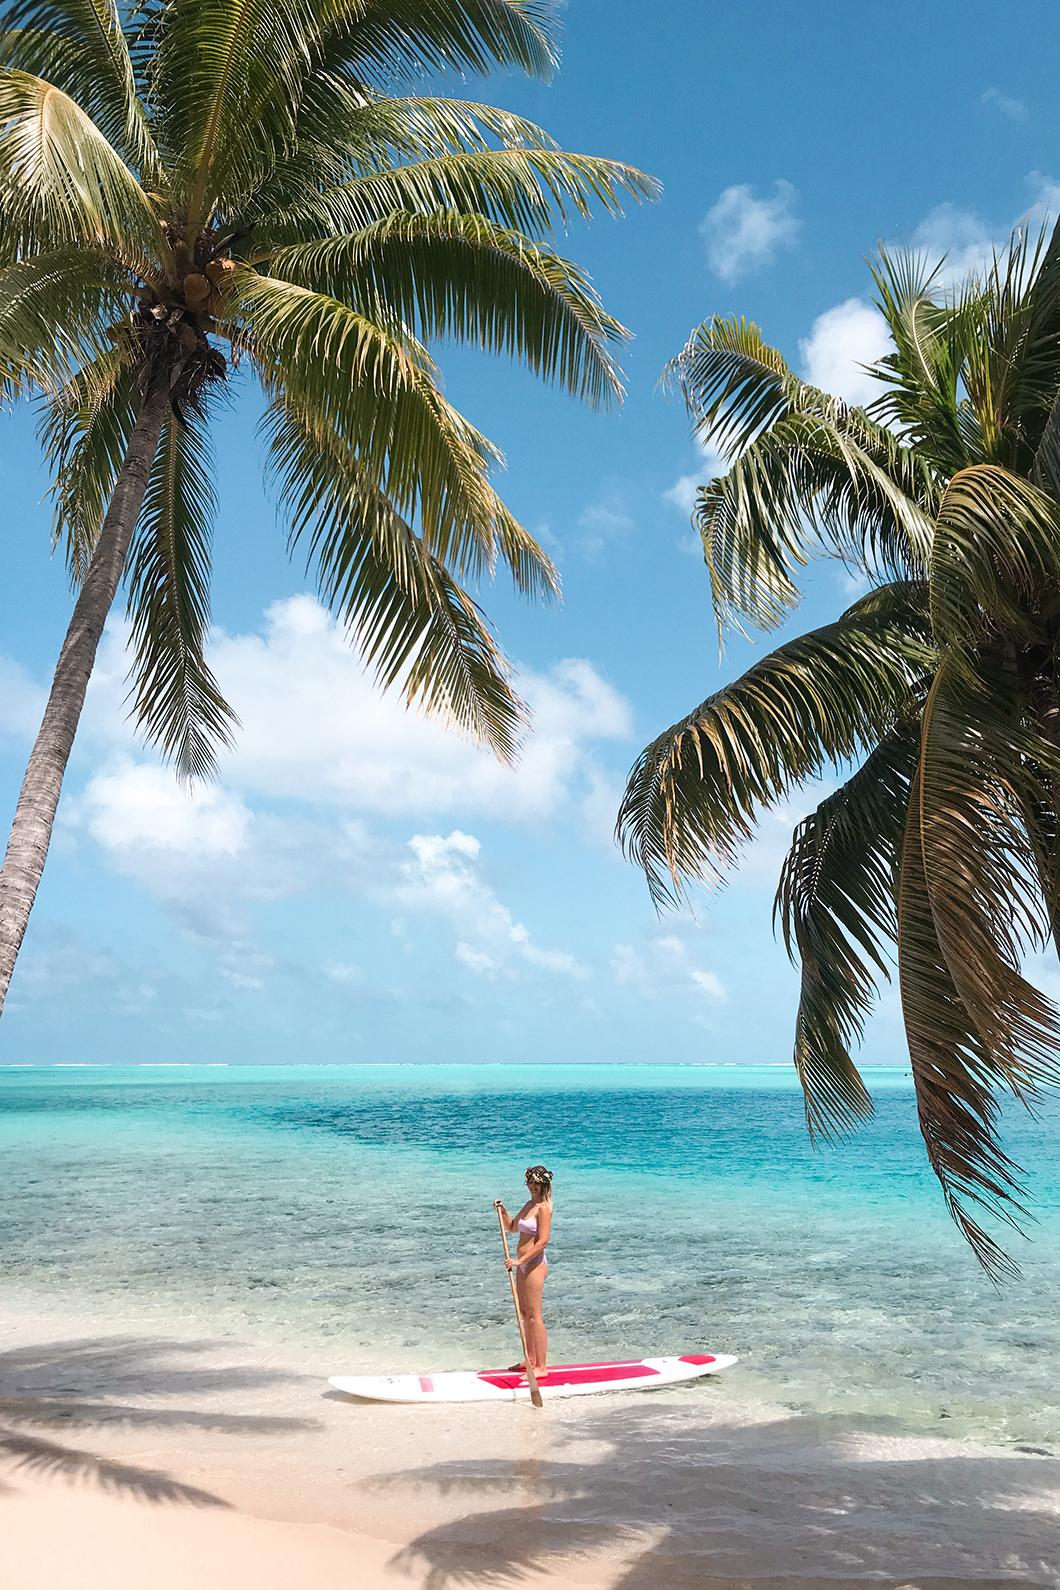 Quelles îles visiter en Polynésie Française ? Découvrir Huahine